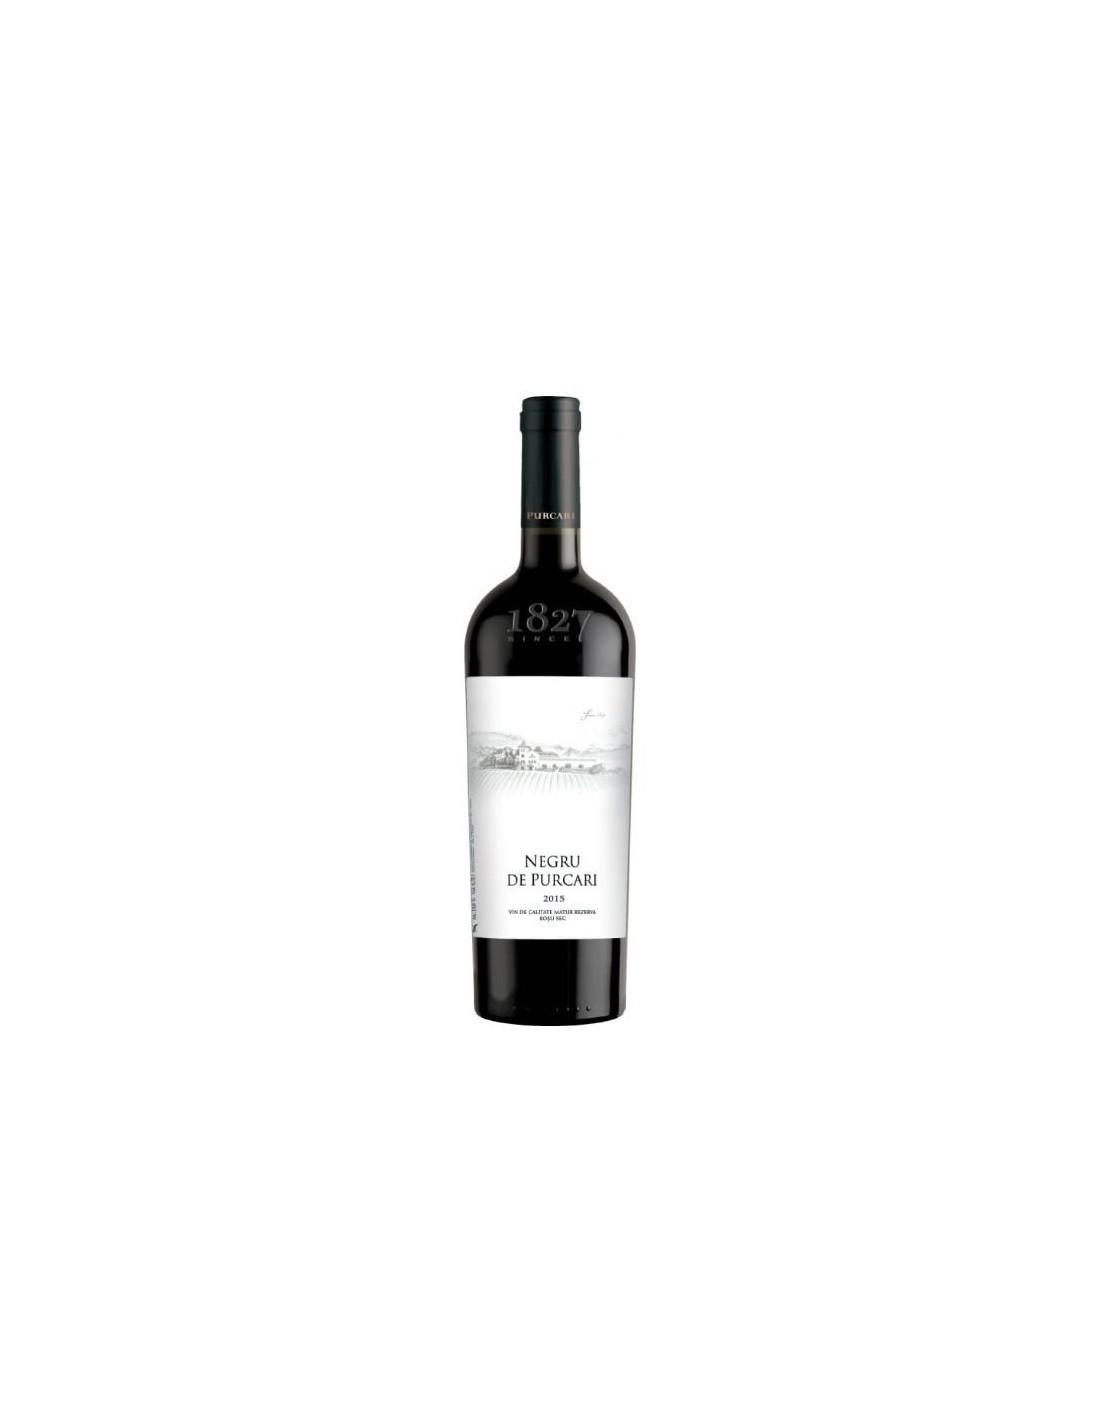 Vin rosu sec, Cupaj, Negru de Purcari Stefan Voda, 0.75L, 13.5% alc., Republica Moldova